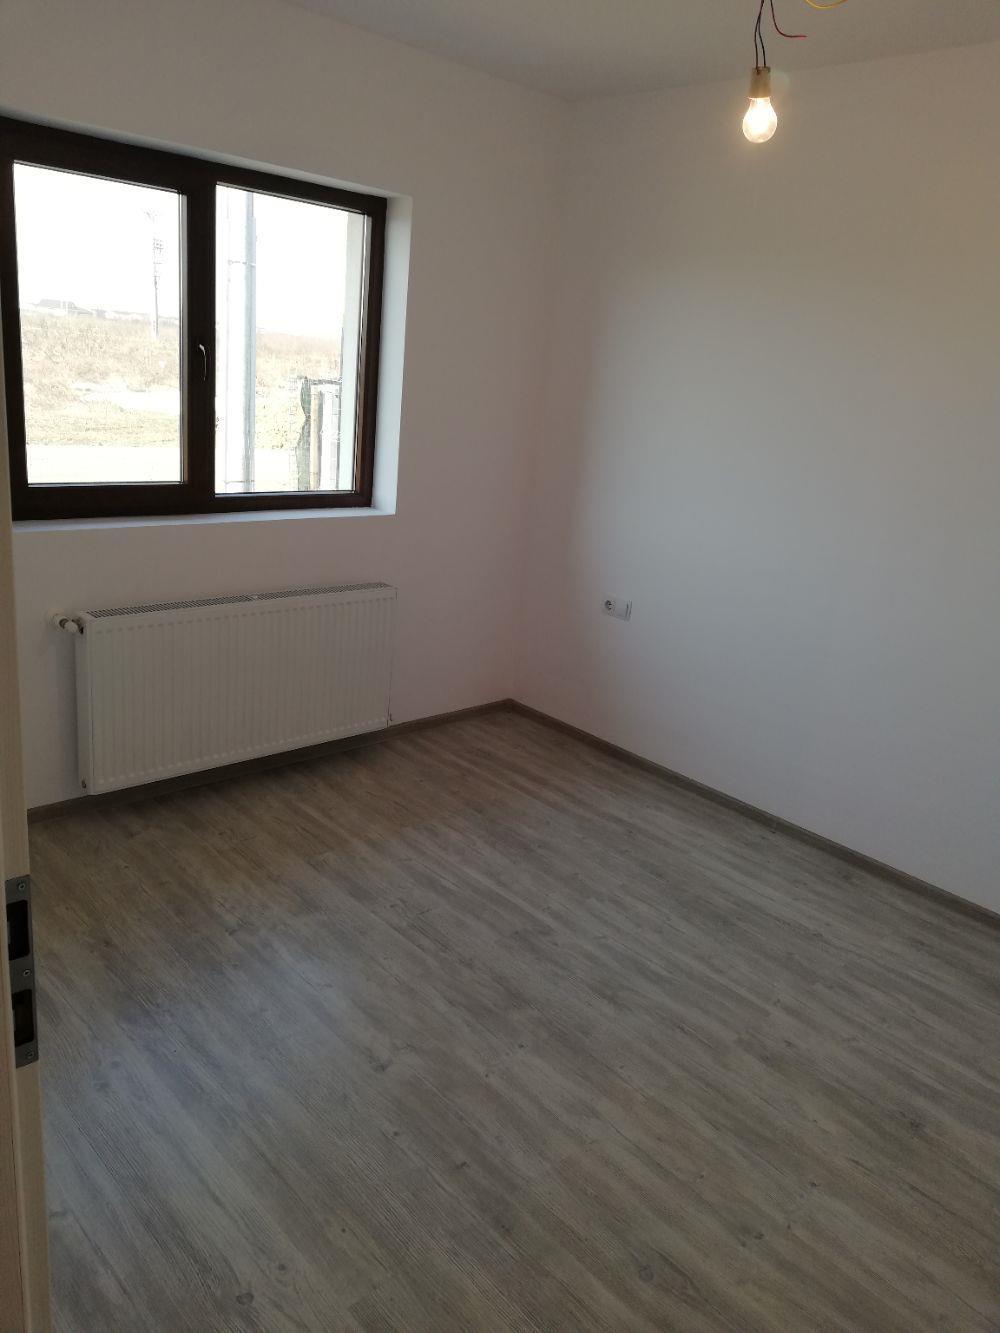 Proprietar Vind Duplex pe Parter cu utilitati  - imagine 4